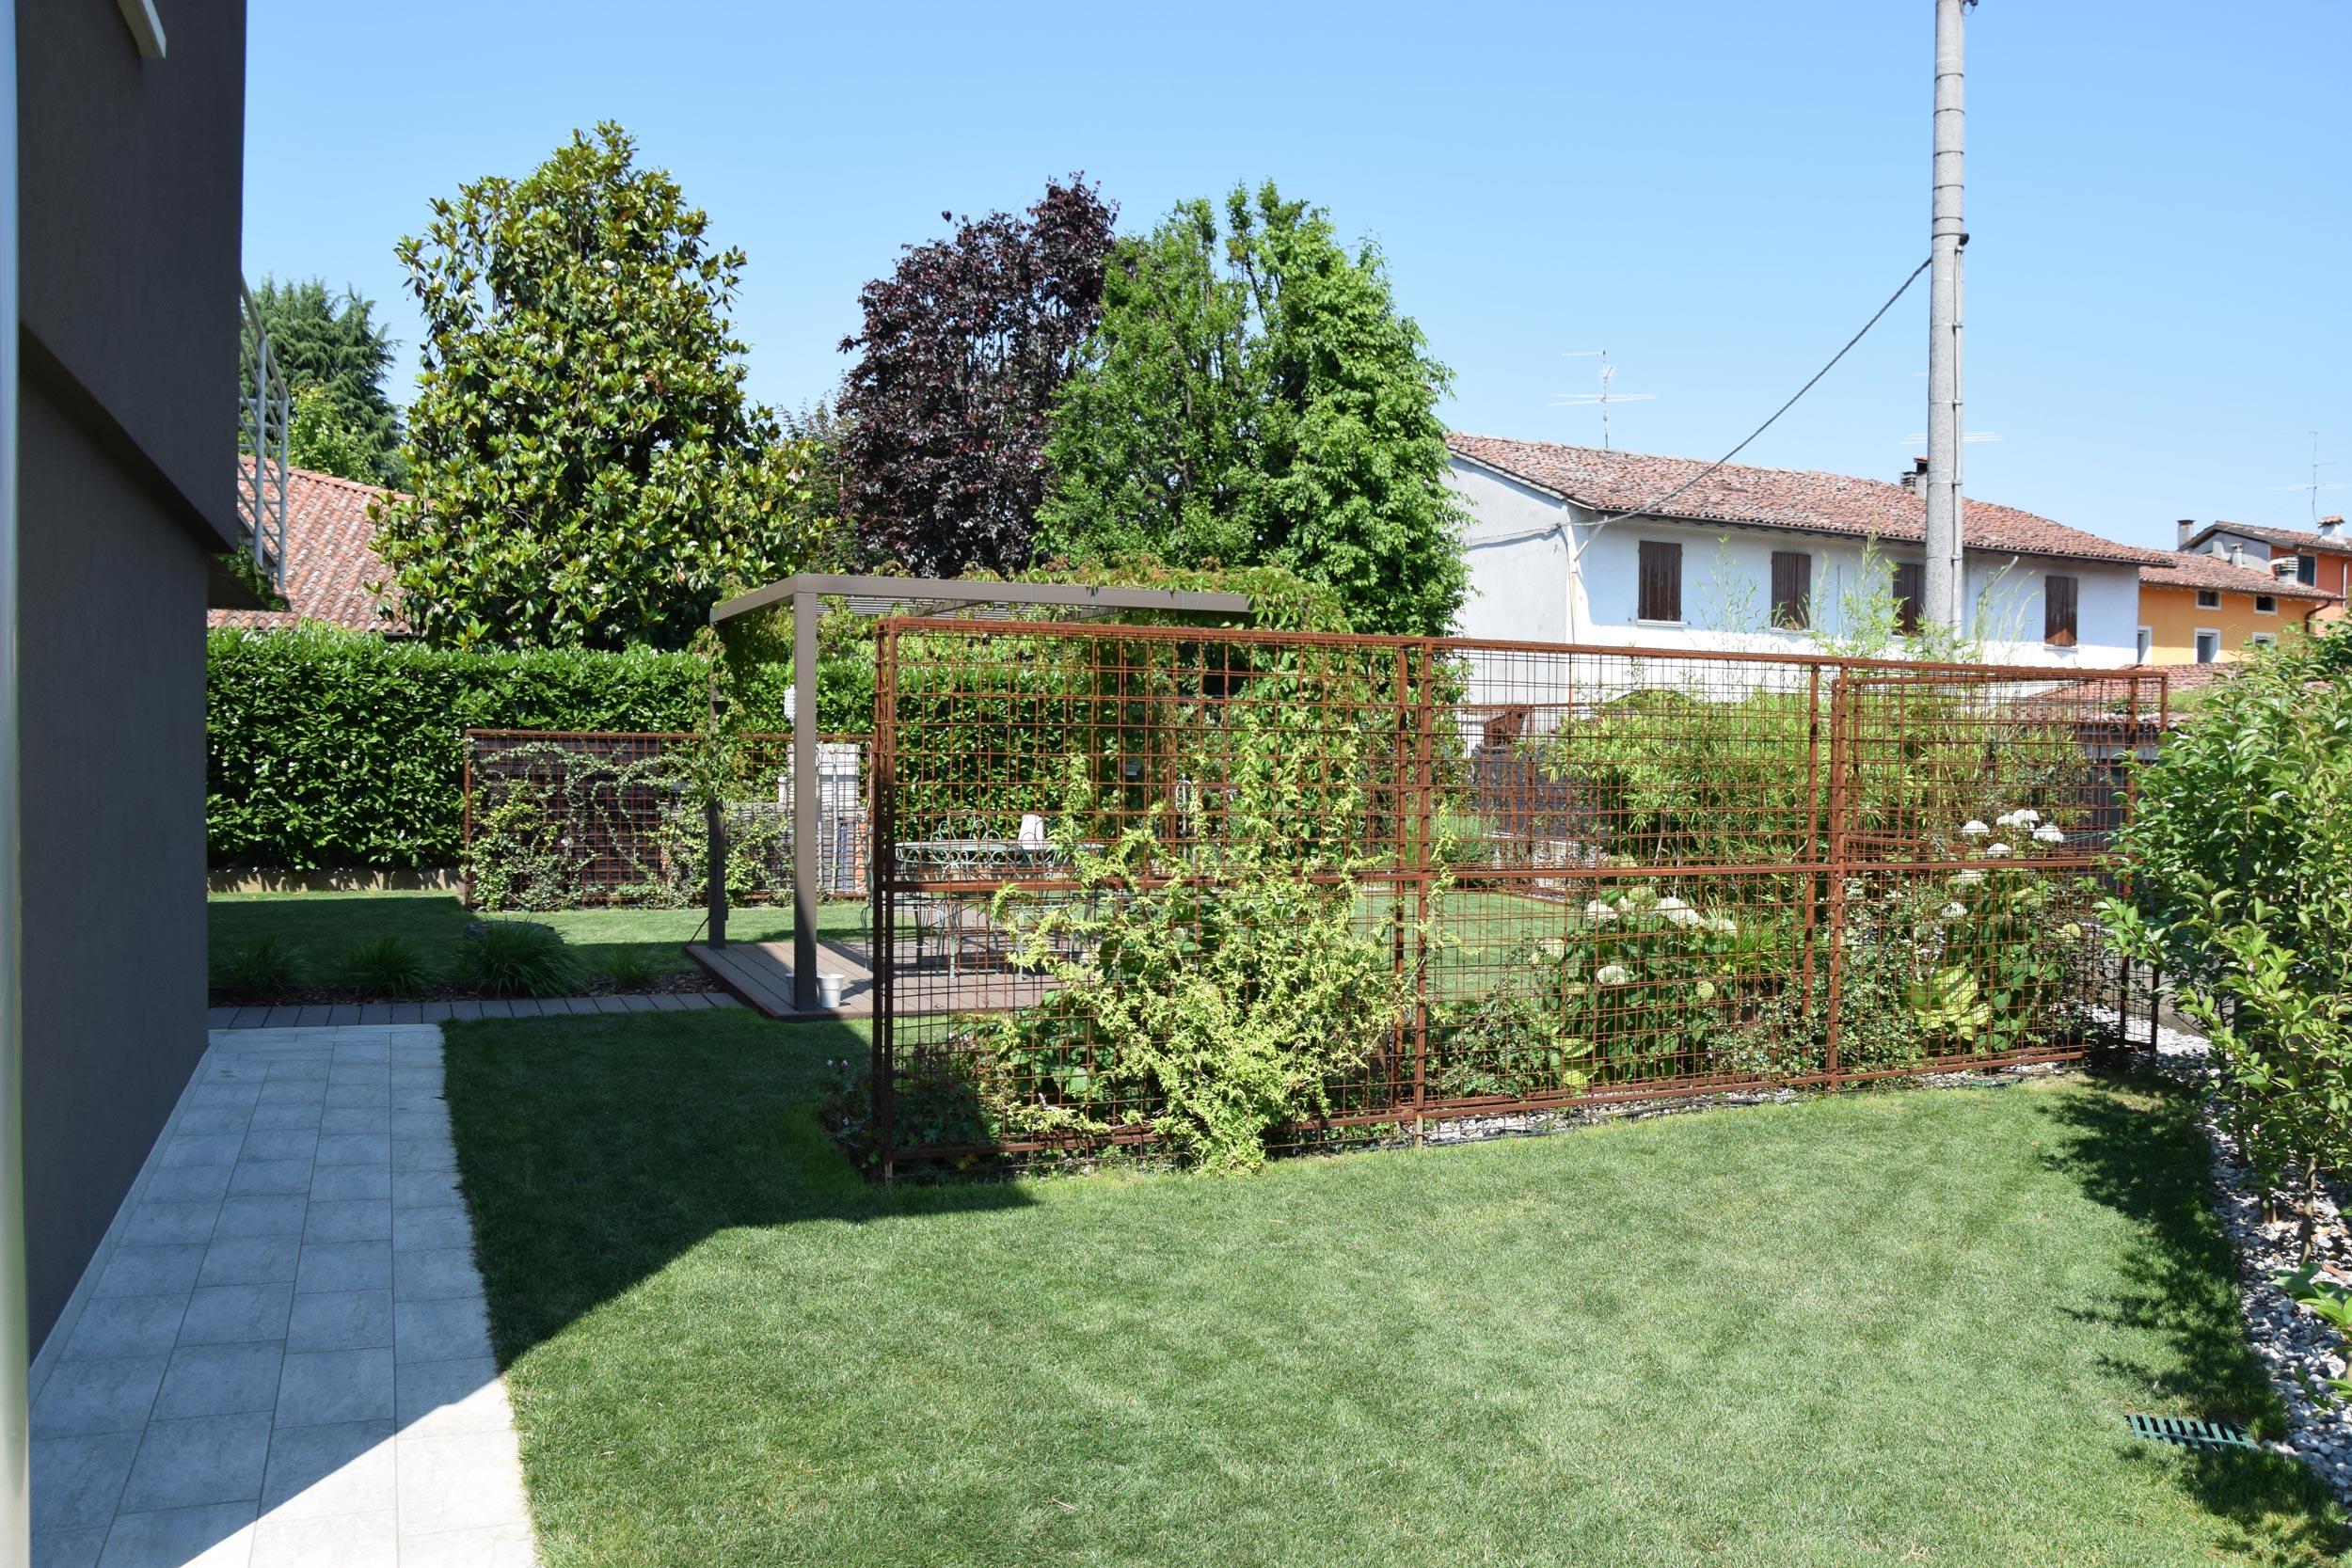 Siepi di ferro progettazione giardini agronomo for Corso progettazione giardini